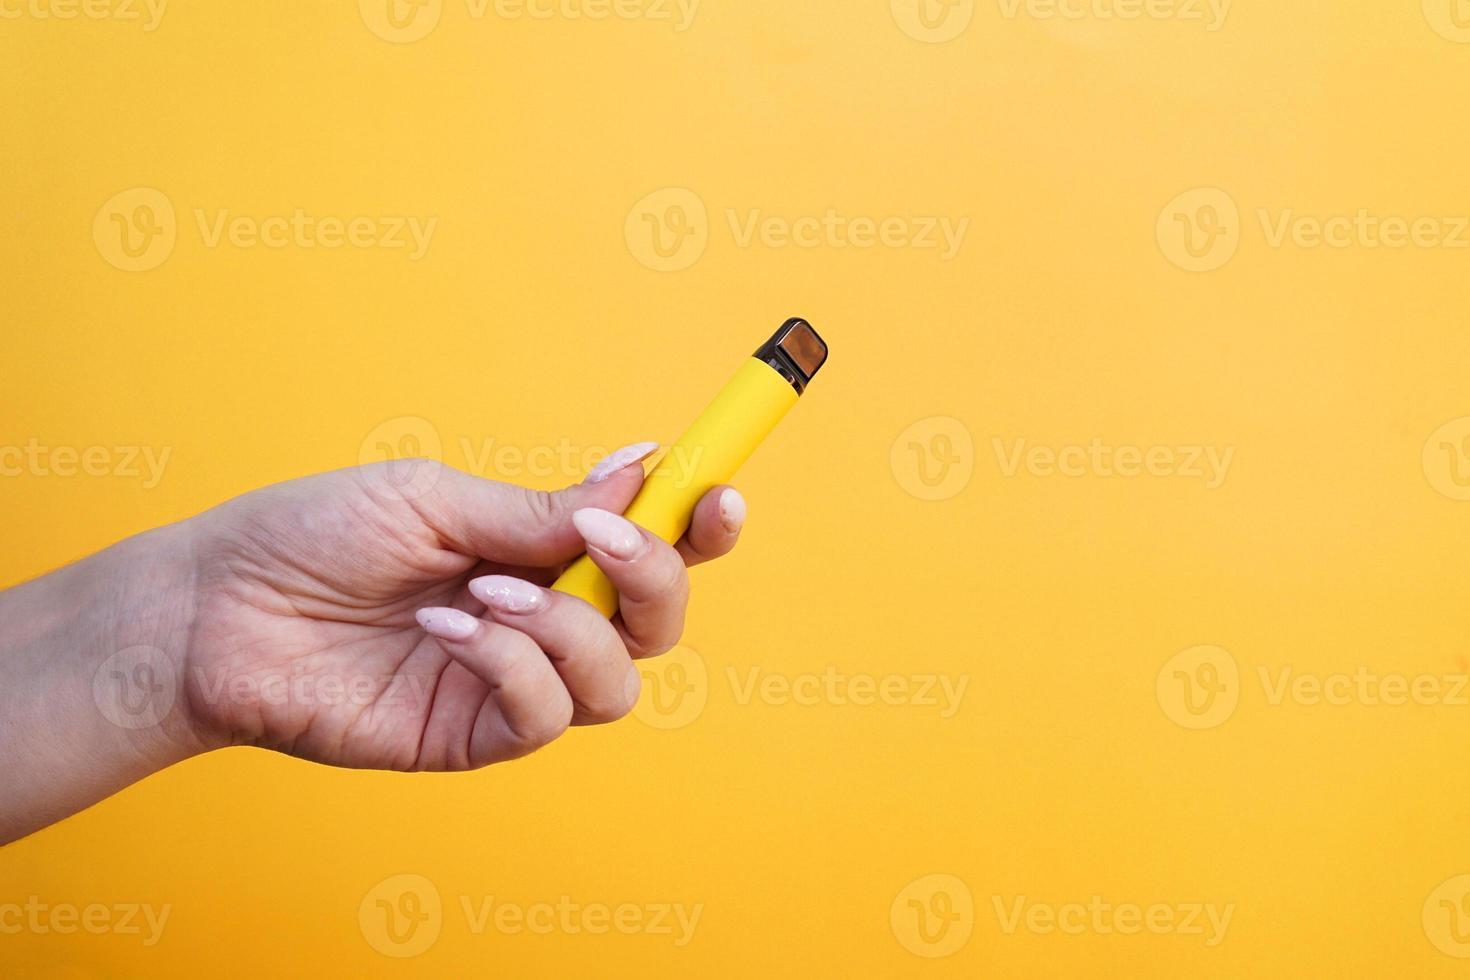 cigarro eletrônico descartável amarelo em mão feminina foto